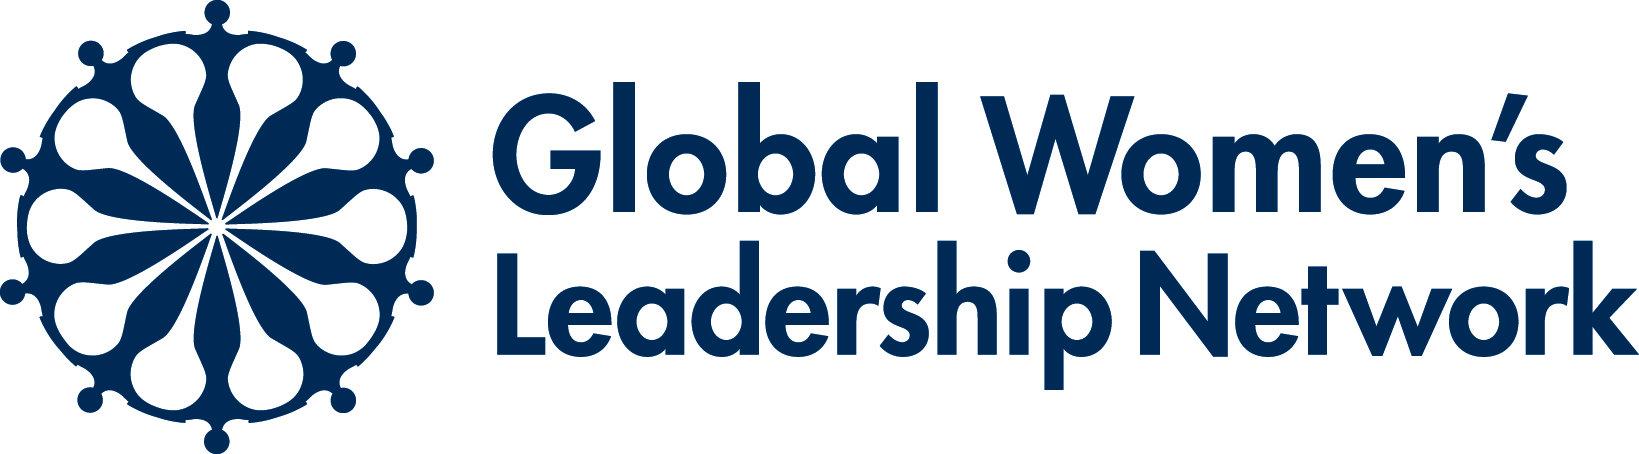 GWLN logo